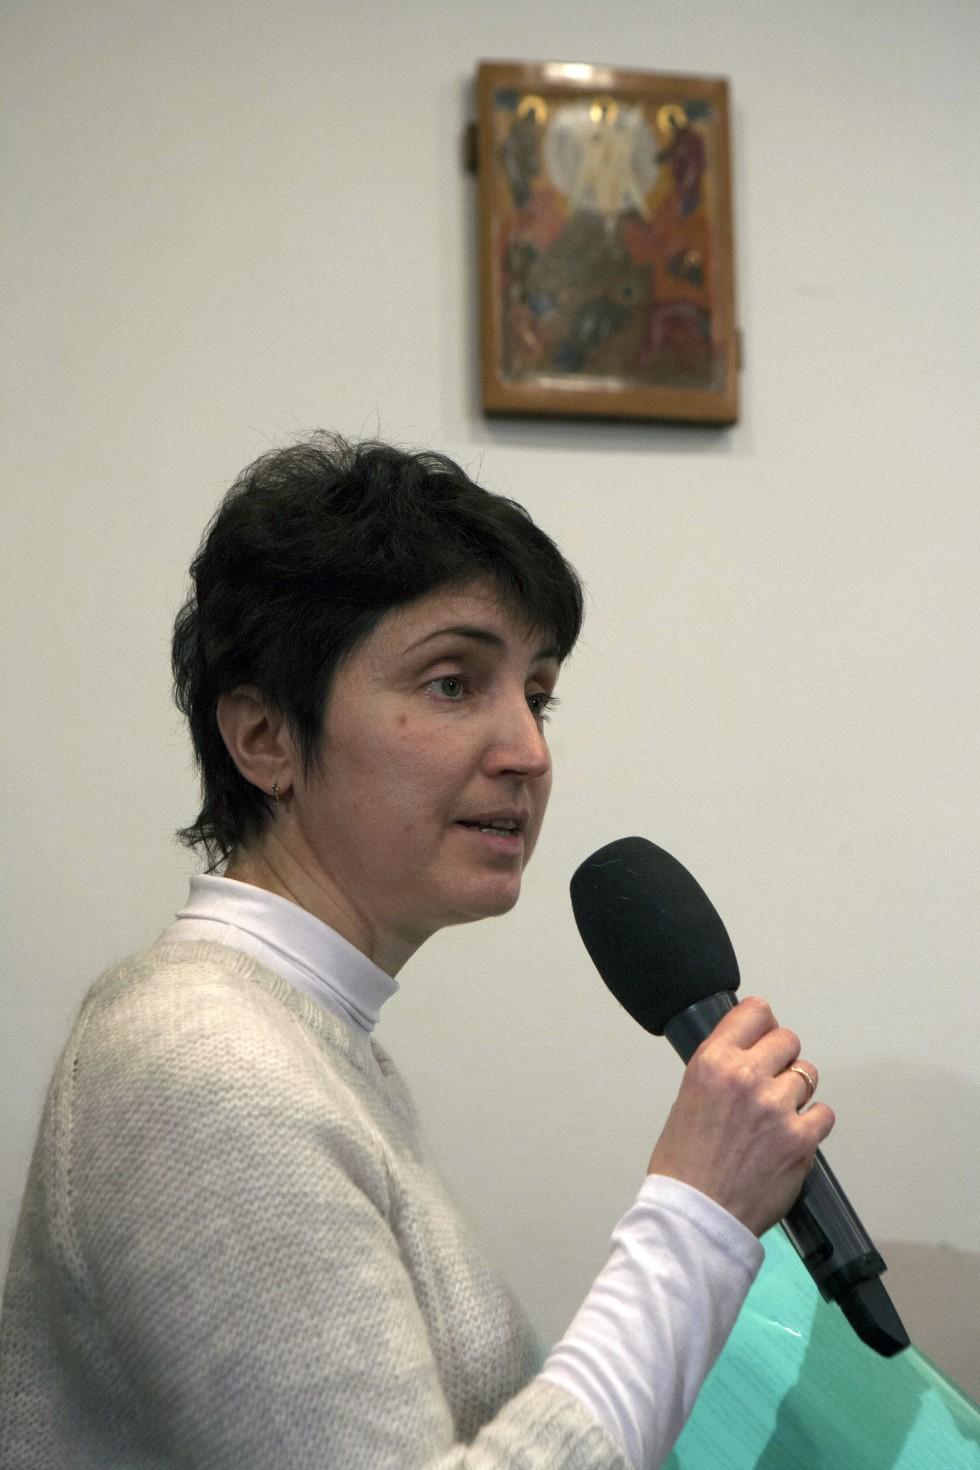 Галина Ложкова, выпускница СФИ, исследователь церковного служения отца Виталия